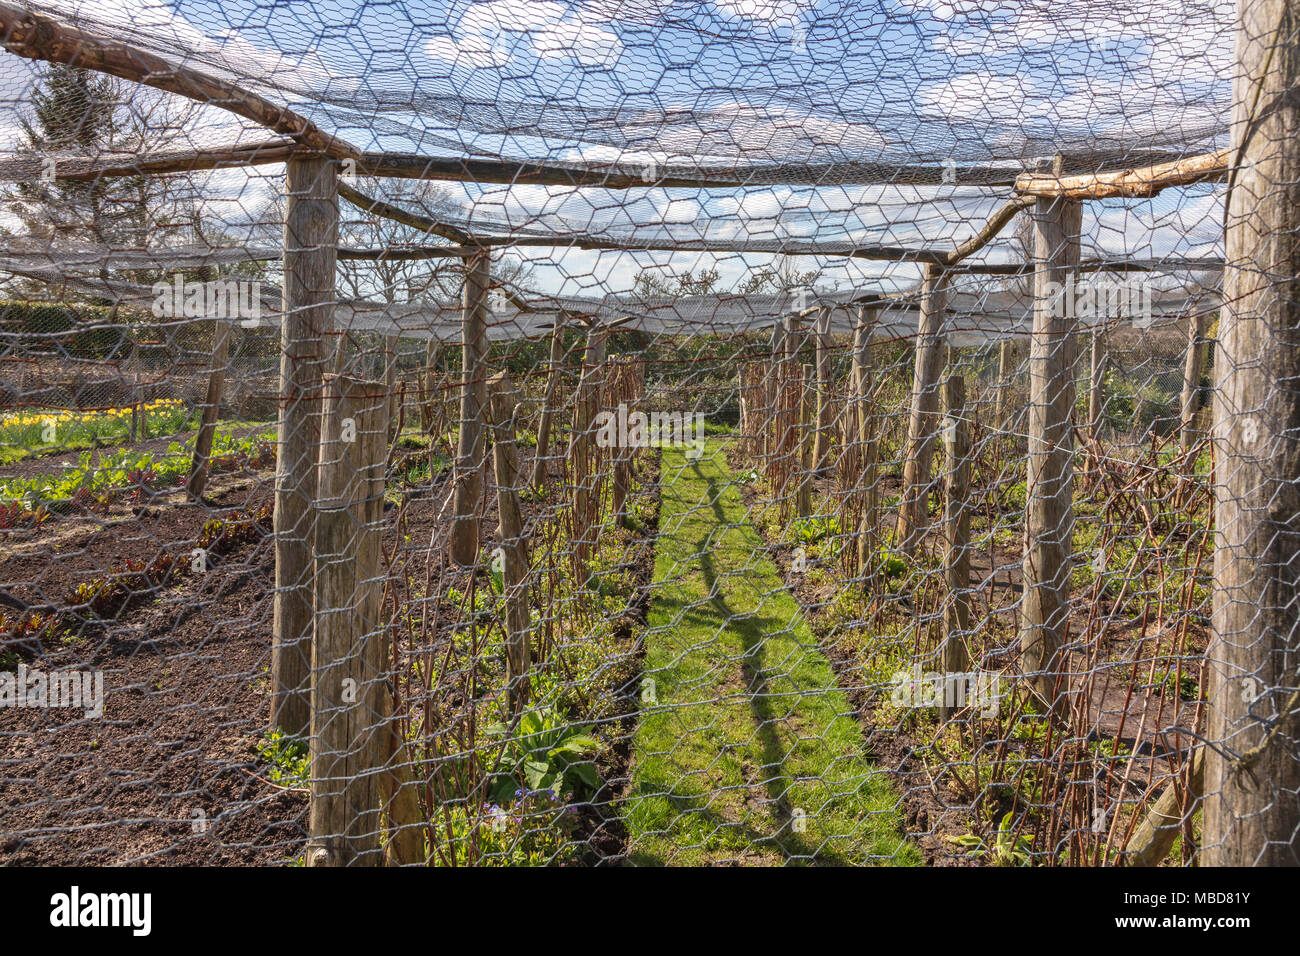 I giardini di Great Dixter all'inizio stagione primaverile, pochi visitatori e i giardini sono molto architectural senza una nuova crescita. La gabbia di frutta è molto strutturato in bassa sun, Northiam, East Sussex, Regno Unito Immagini Stock